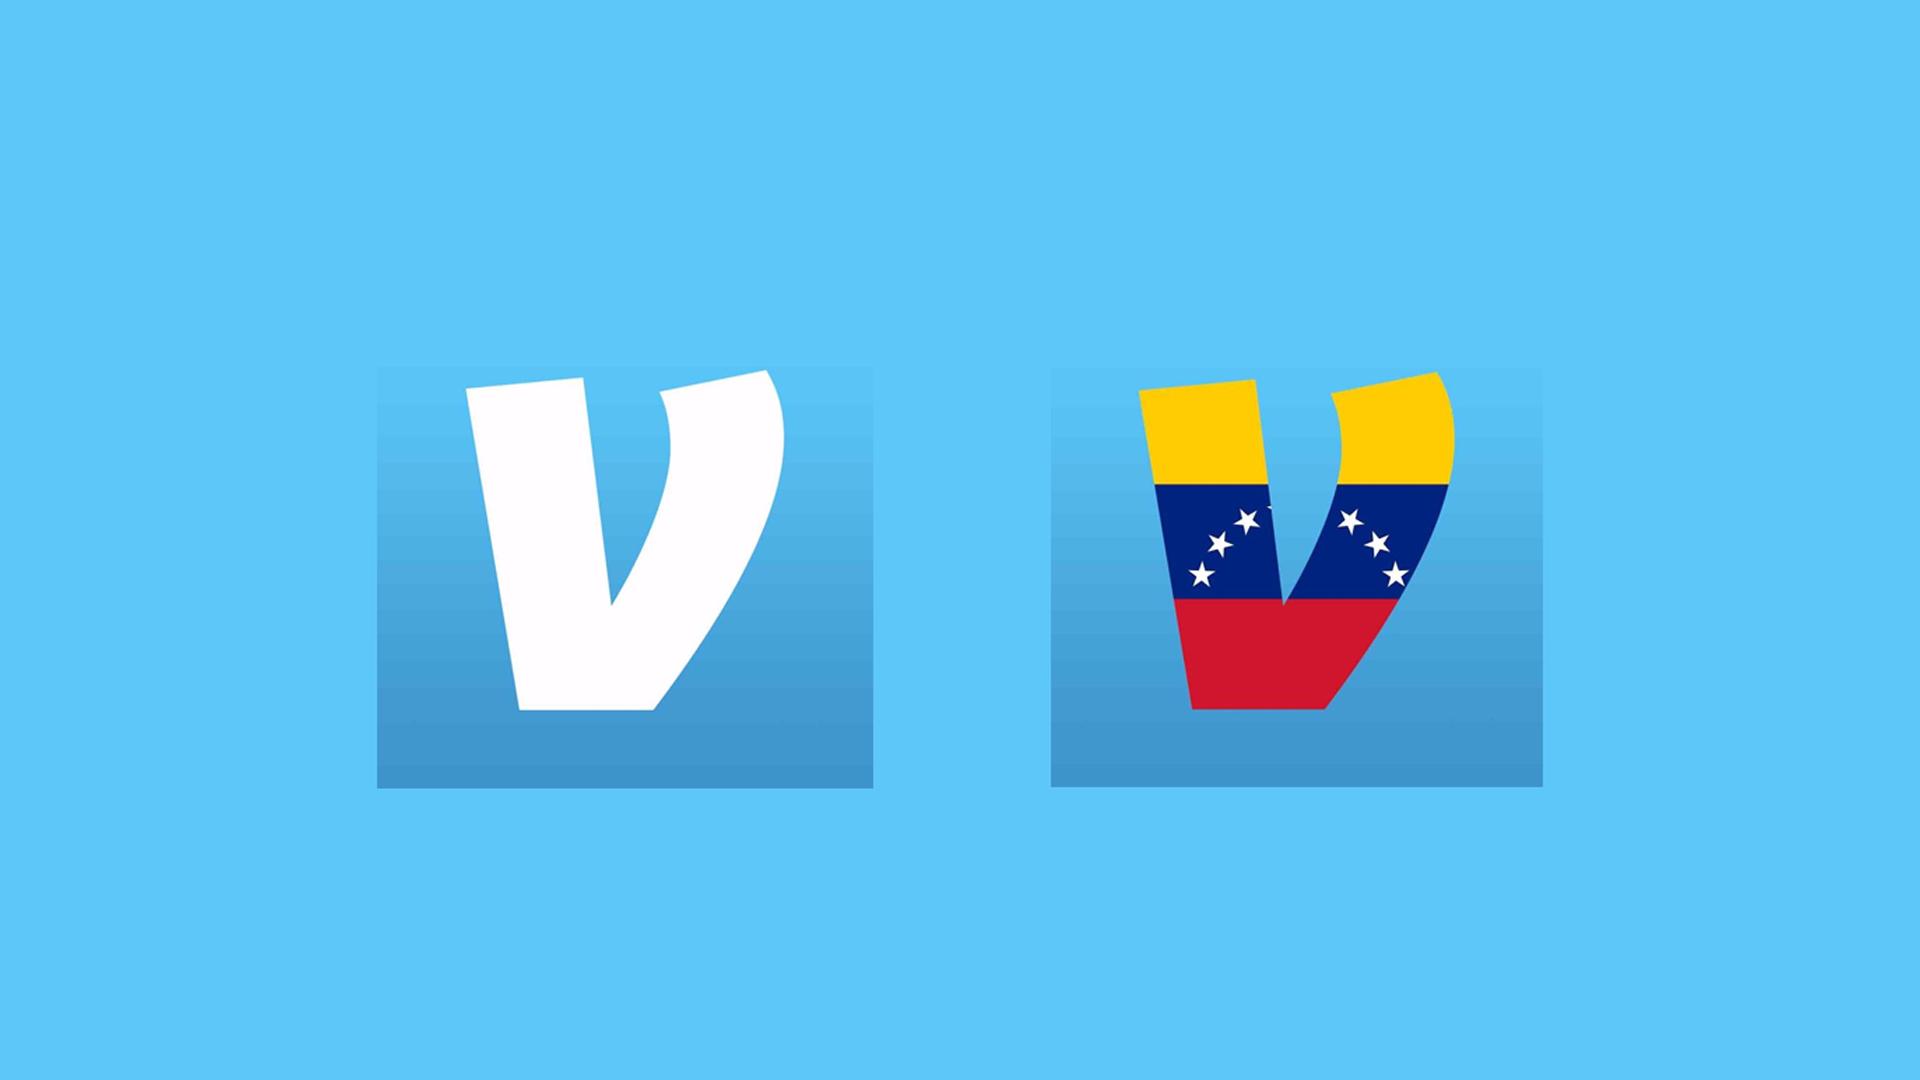 v3.jpg